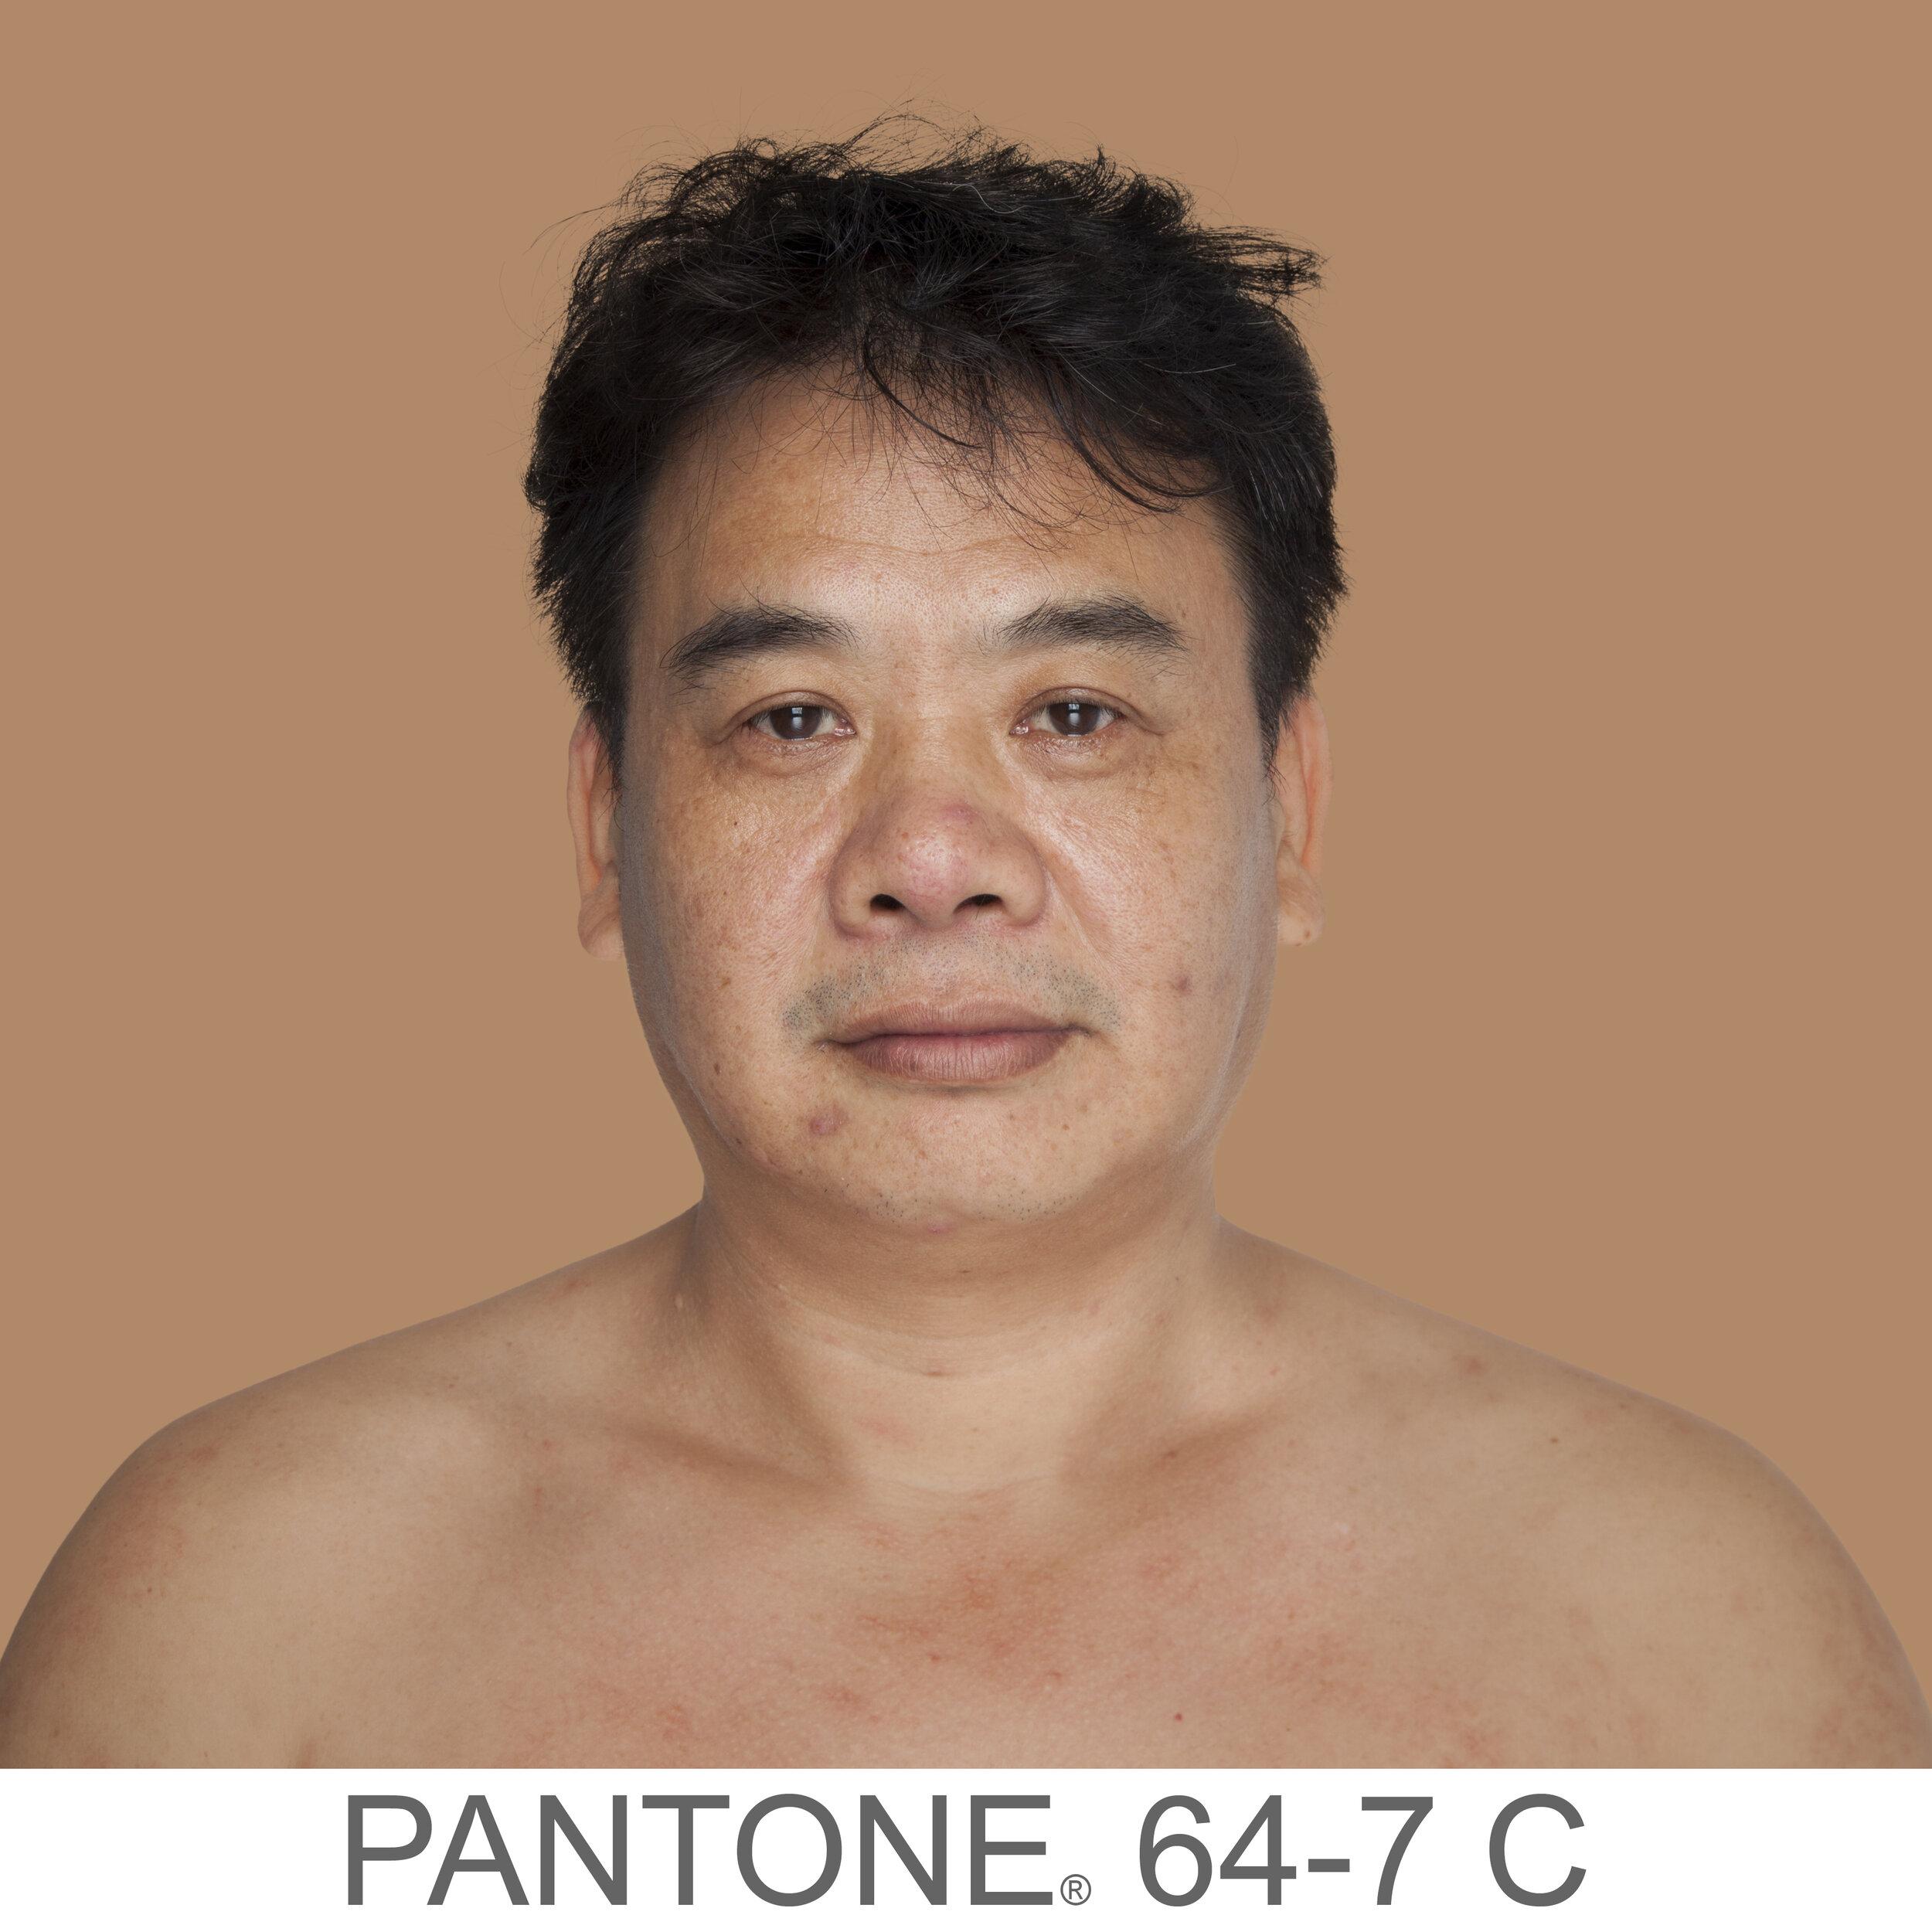 humanae 64-7 C CN copia.jpg